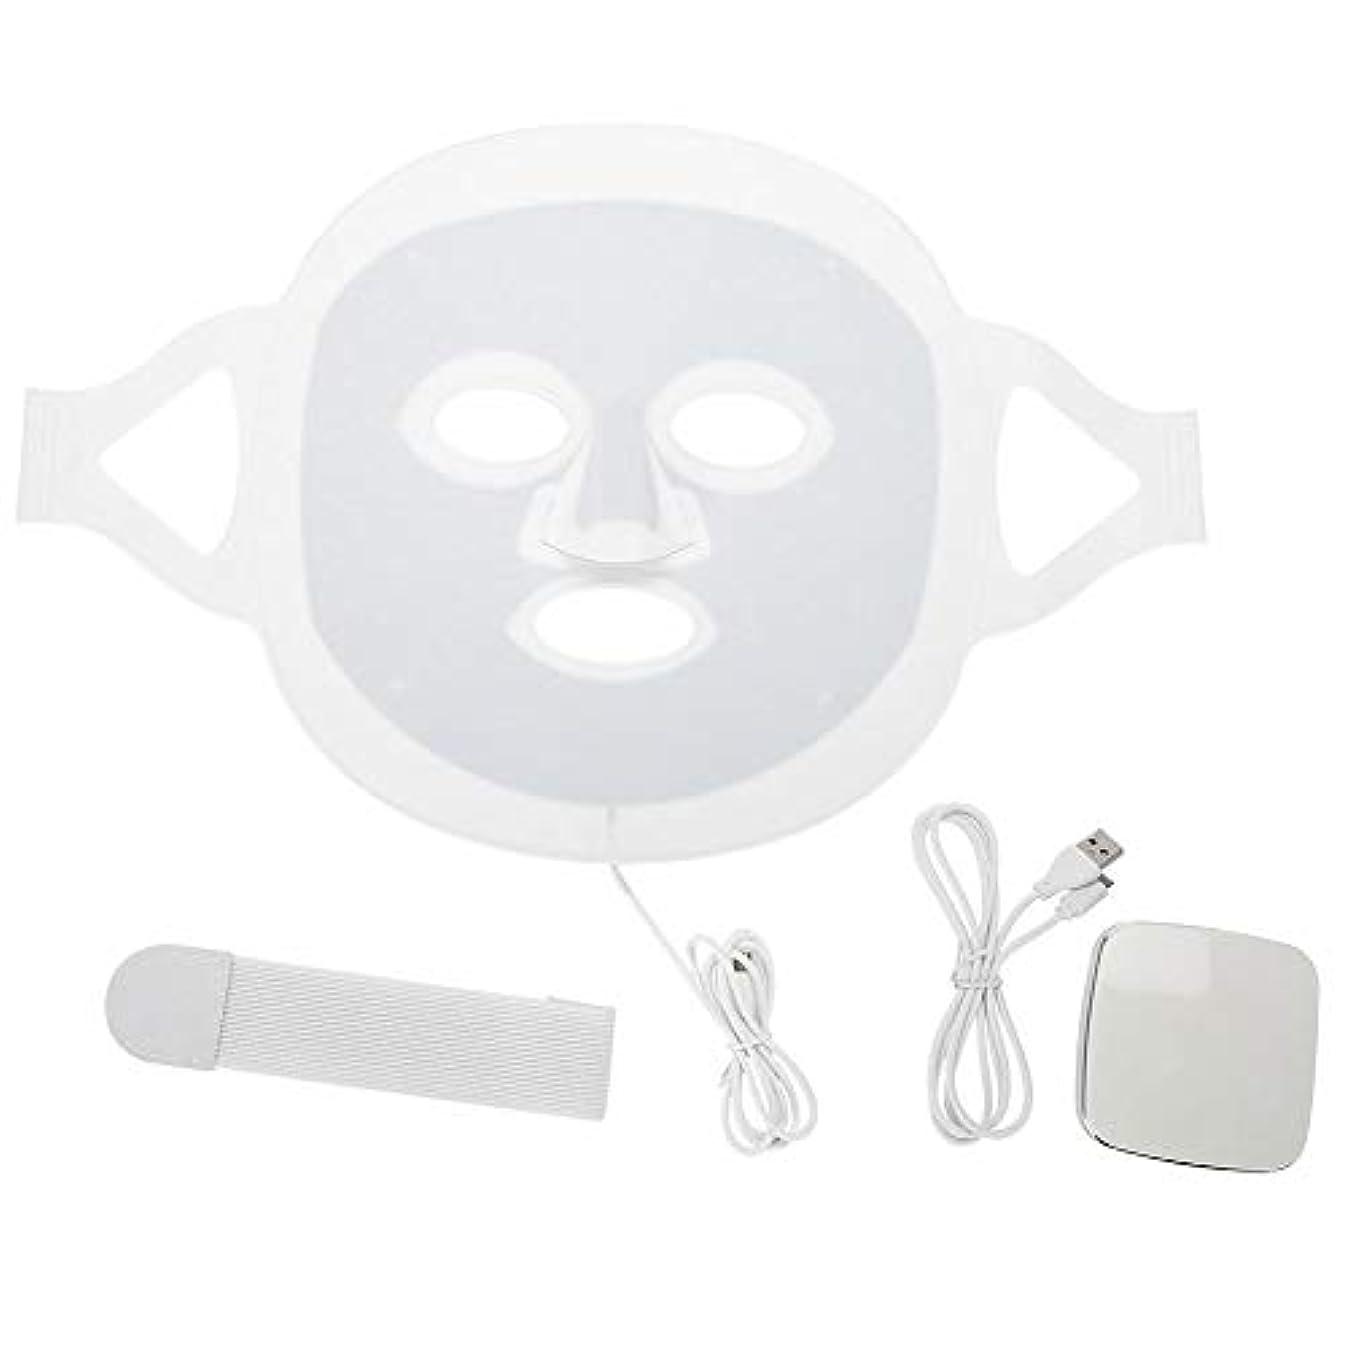 宿泊施設タイトルピクニックをするLEDマスク3色LEDライトフォトンフェイスマスク肌のより良いにきび除去肌美容機器